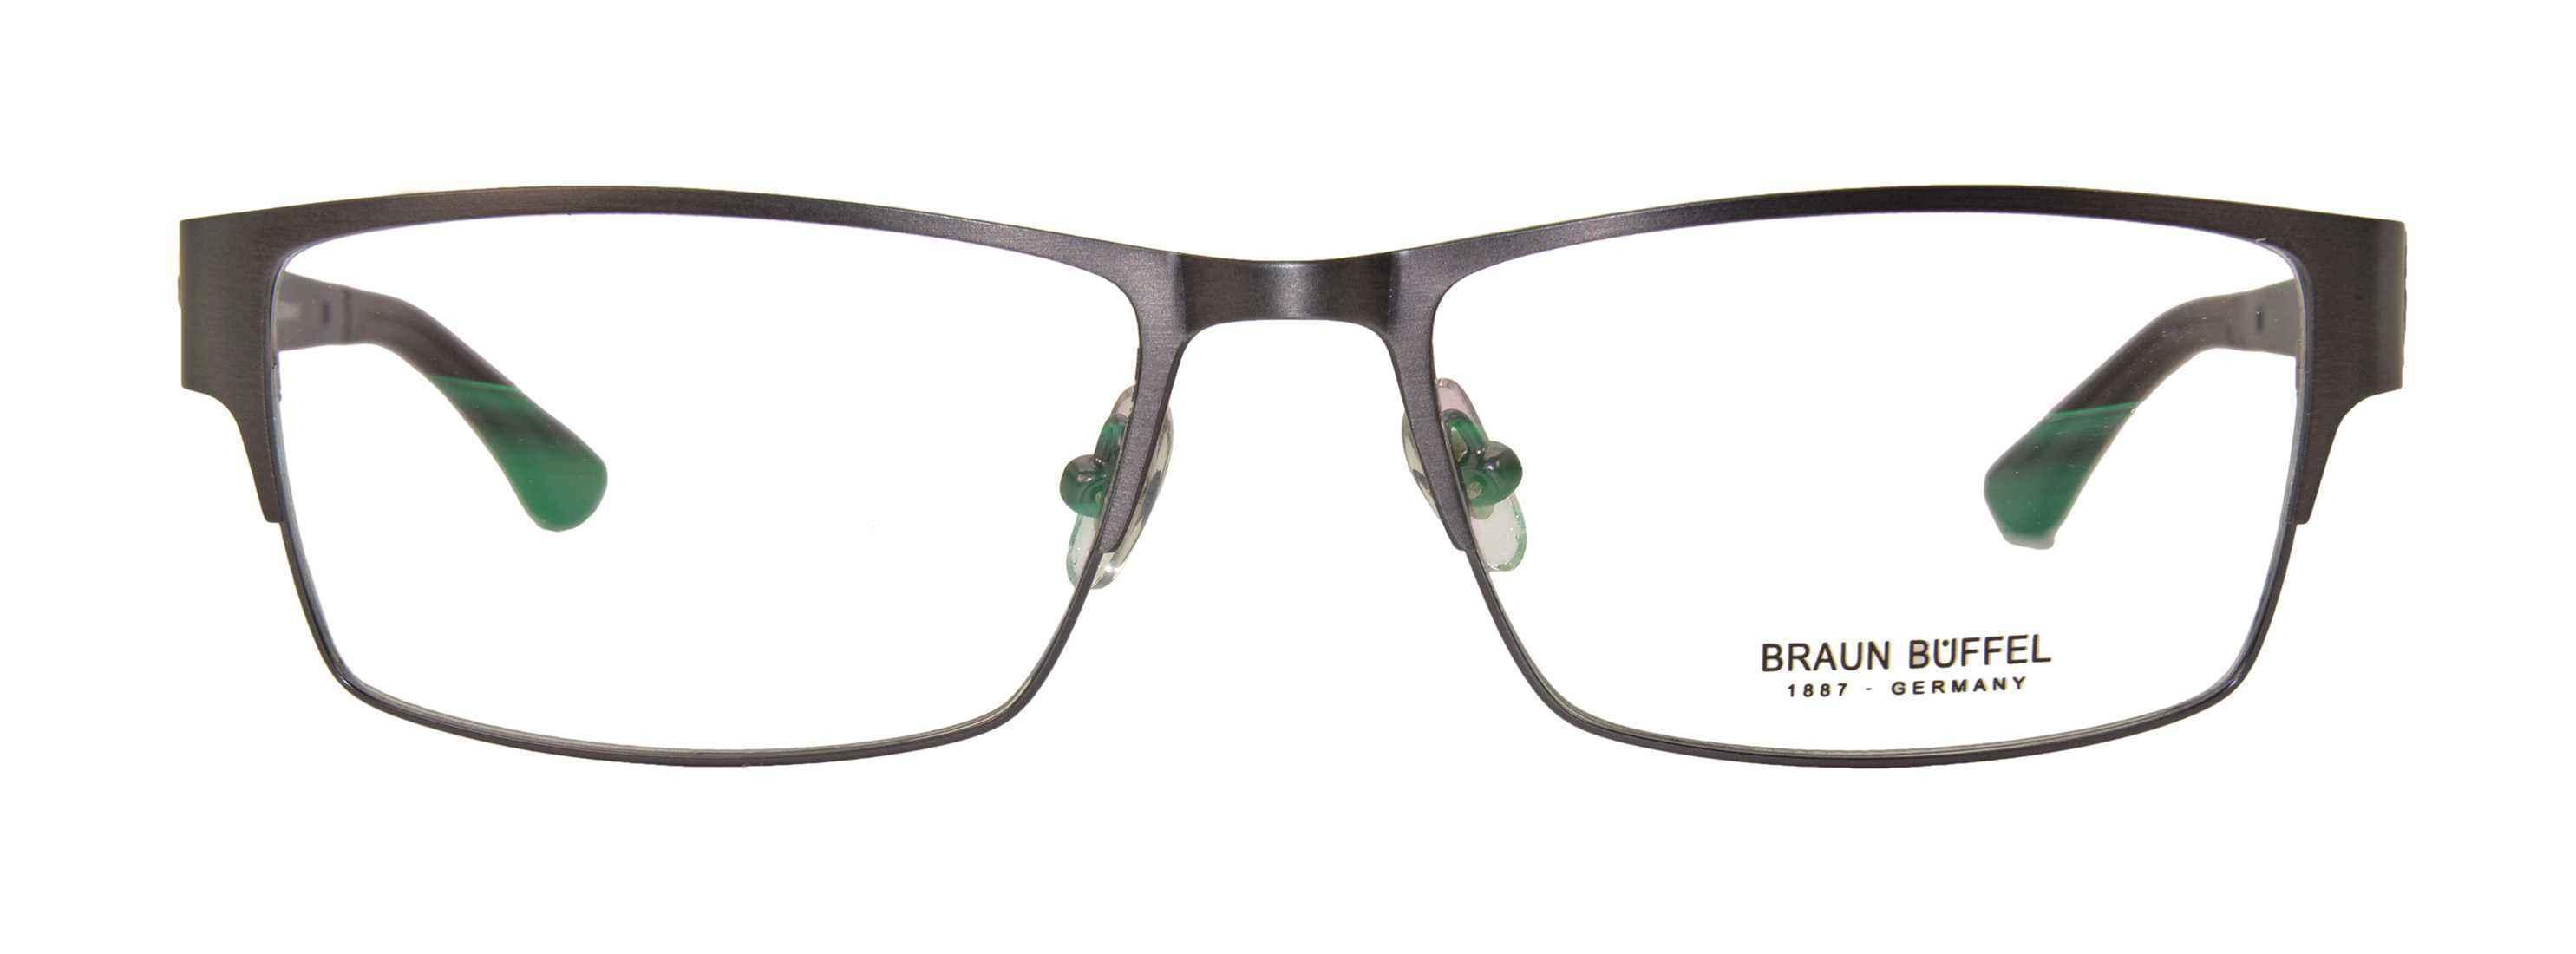 Braun Buffel spectacles 15205 302 02 2970x1100 1